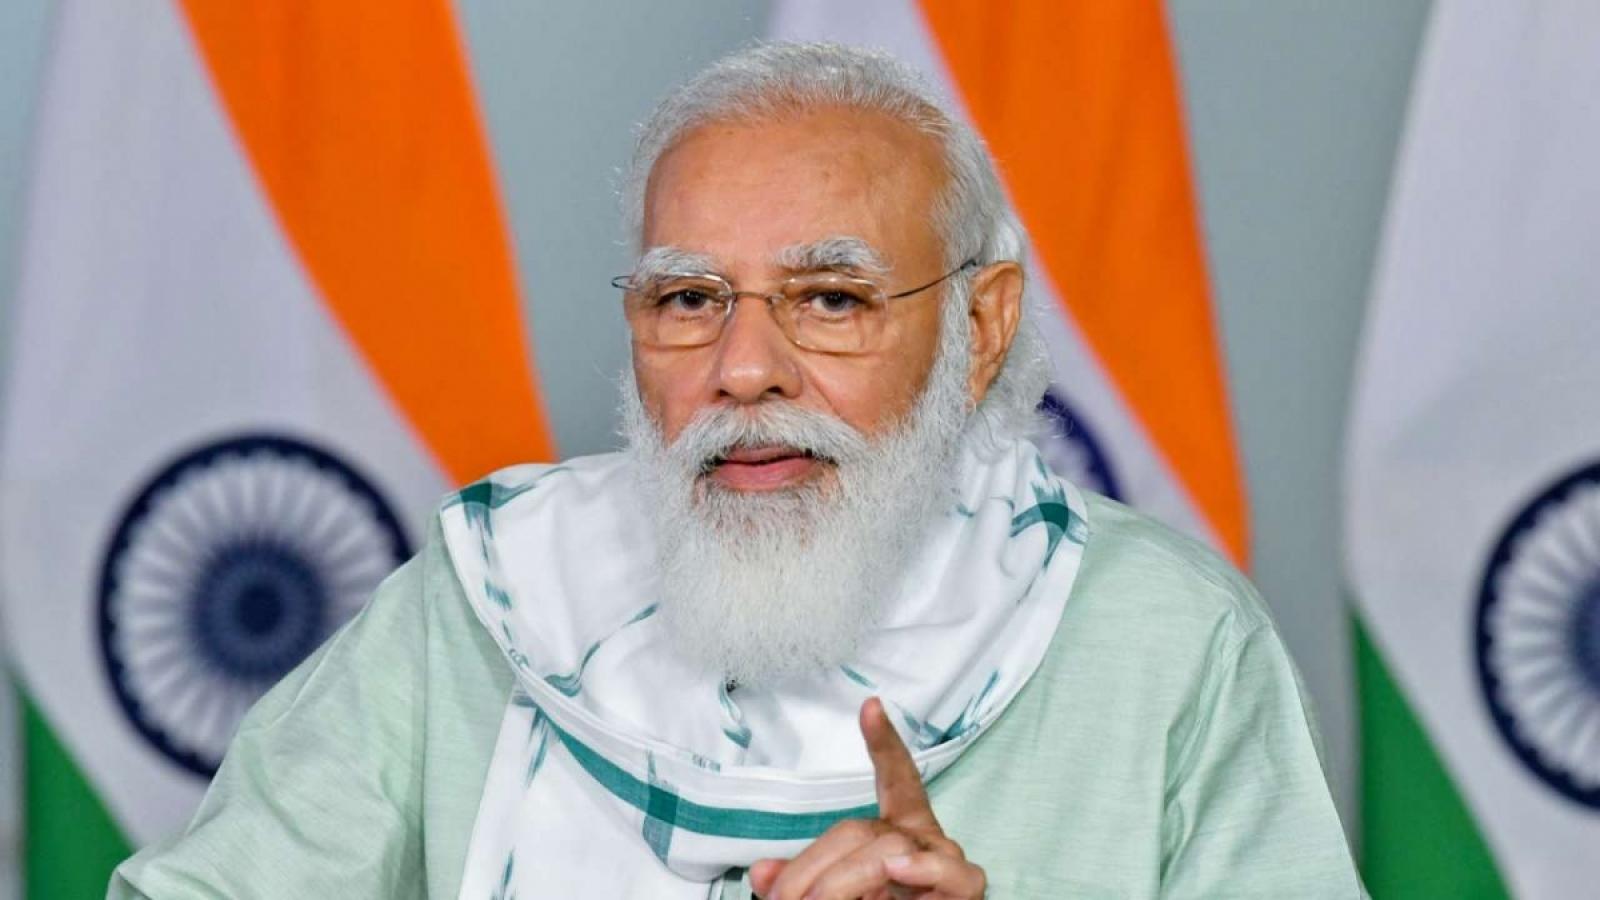 Thủ tướng Ấn Độ: Vaccine Covid-19 sẽ sẵn sàng trong vài tuần tới